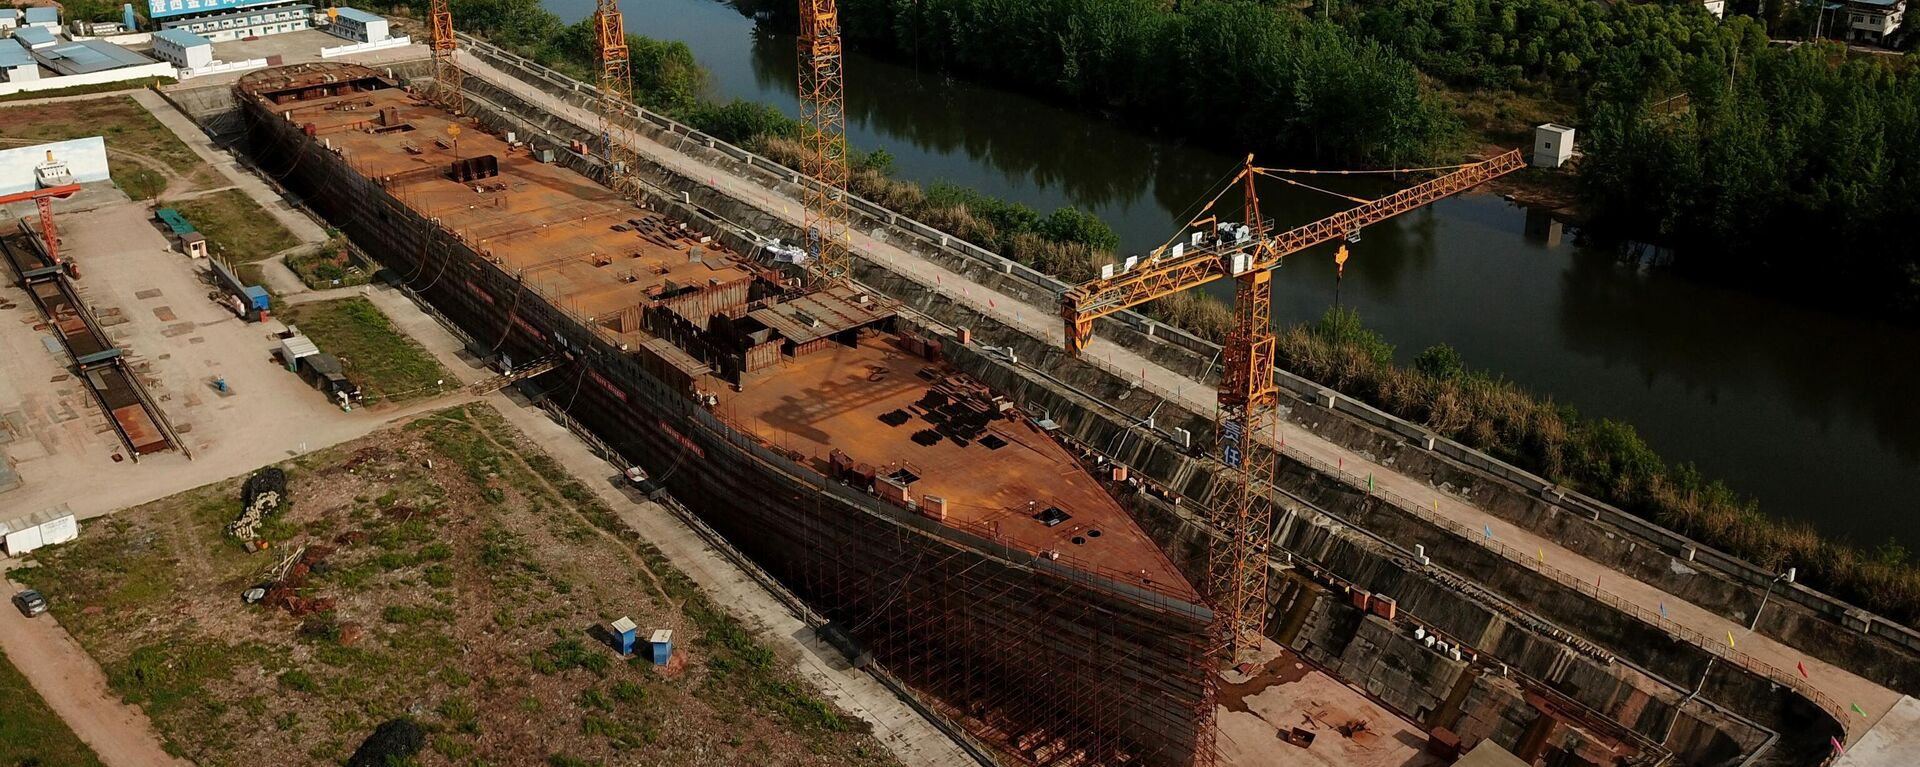 La construcción de la réplica del Titanic en China - Sputnik Mundo, 1920, 17.05.2021